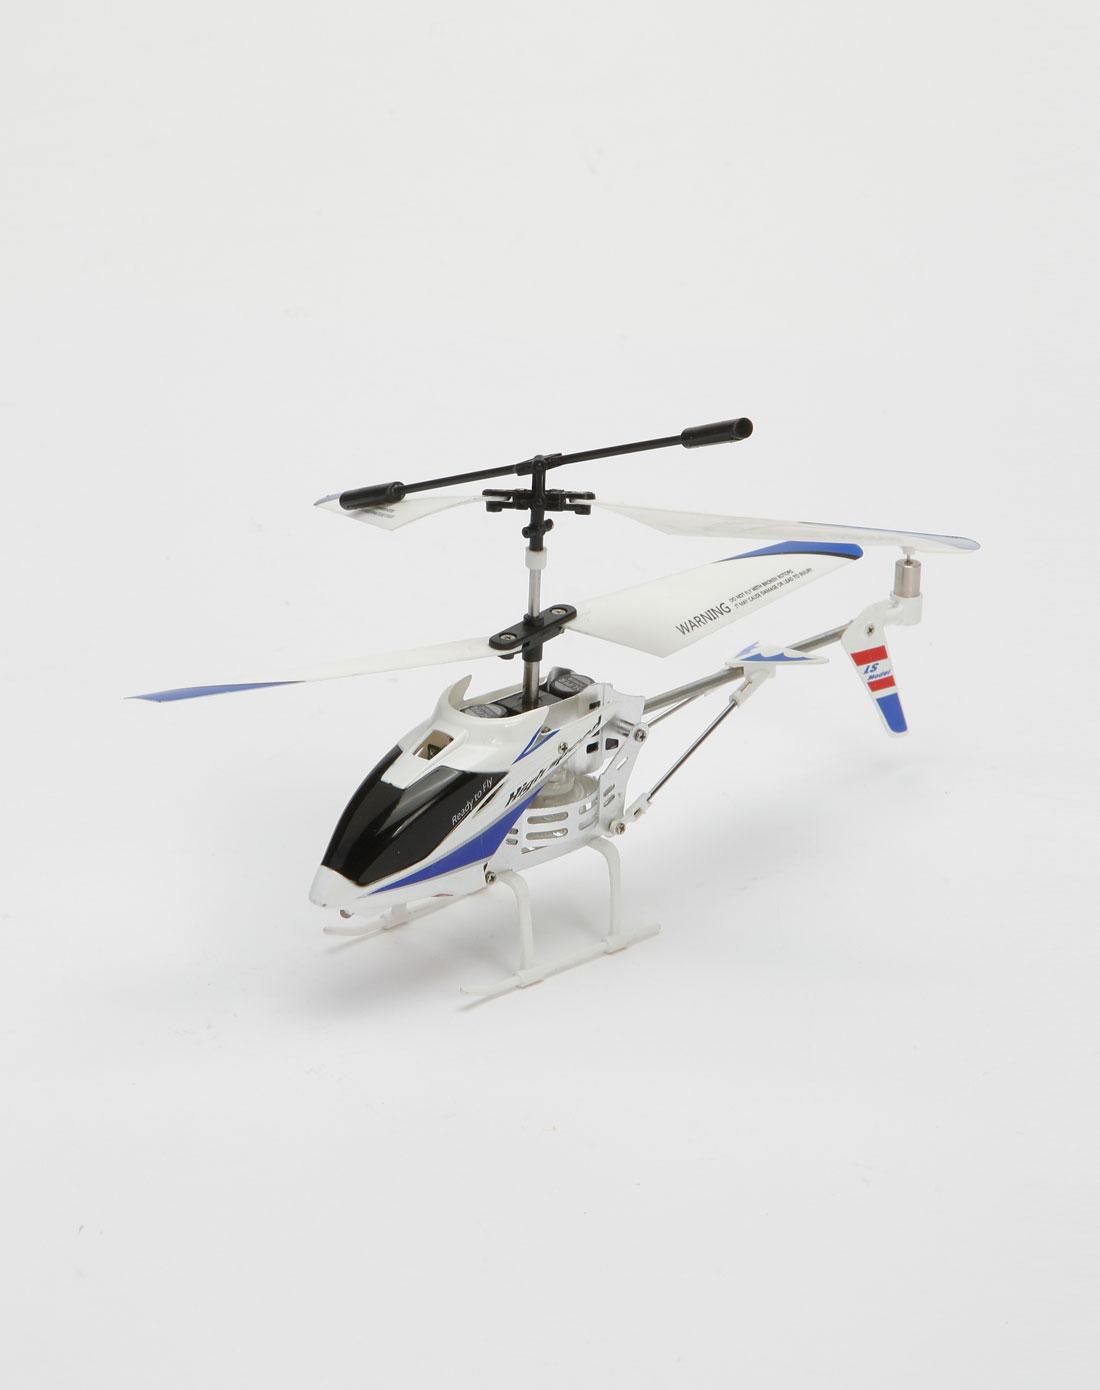 遥控玩具专场蓝/白/黑色合金遥控直升飞机16010091